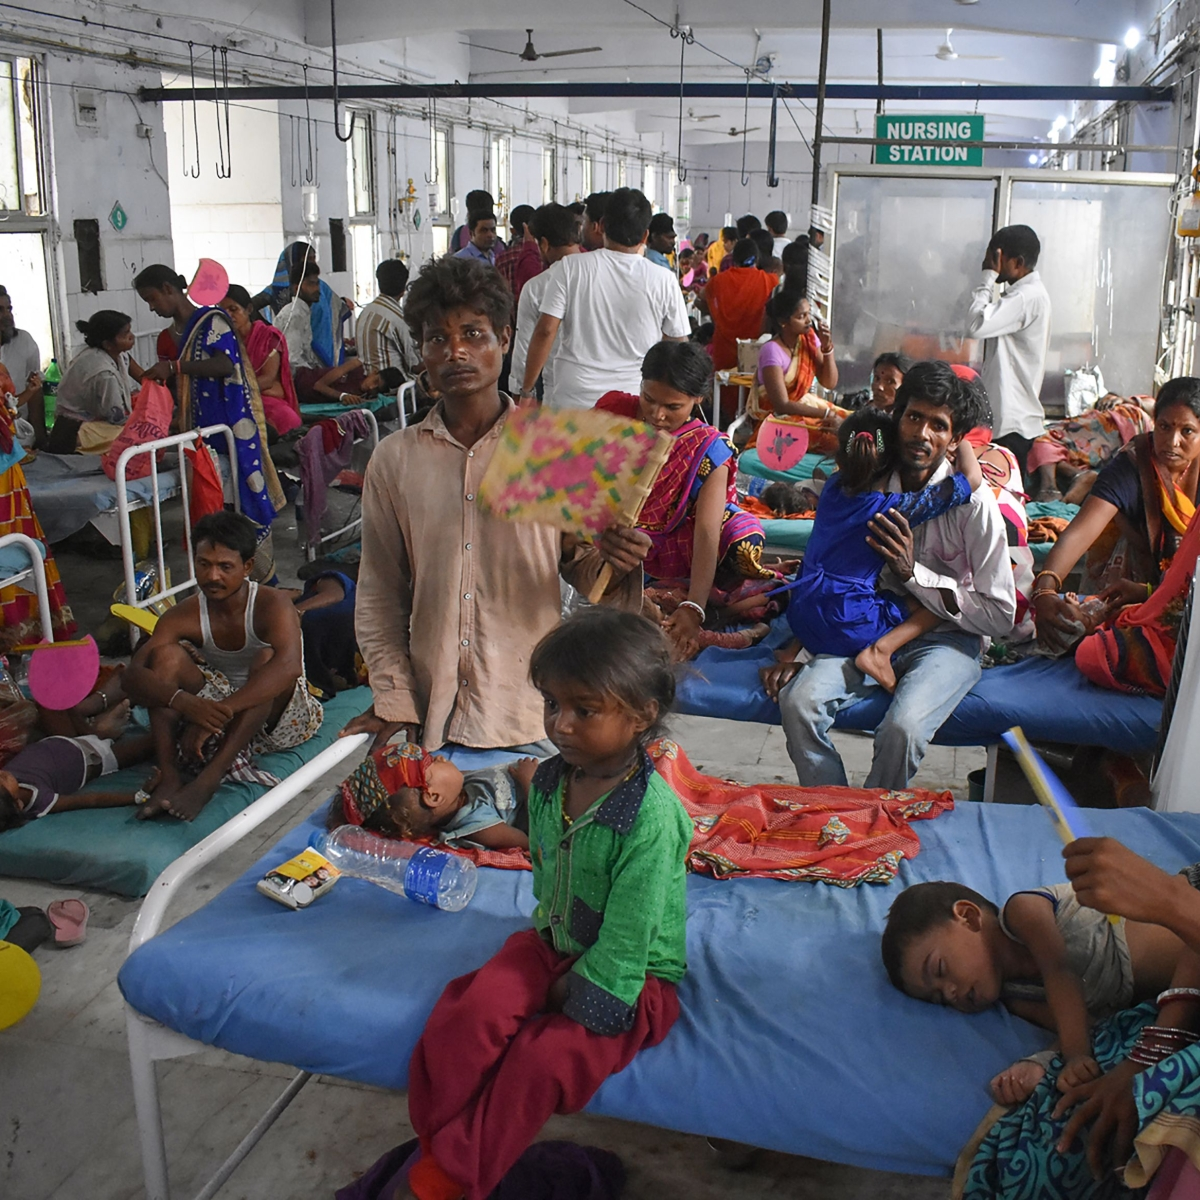 Bihar: Death toll reaches 137 in Muzaffarpur due to AES